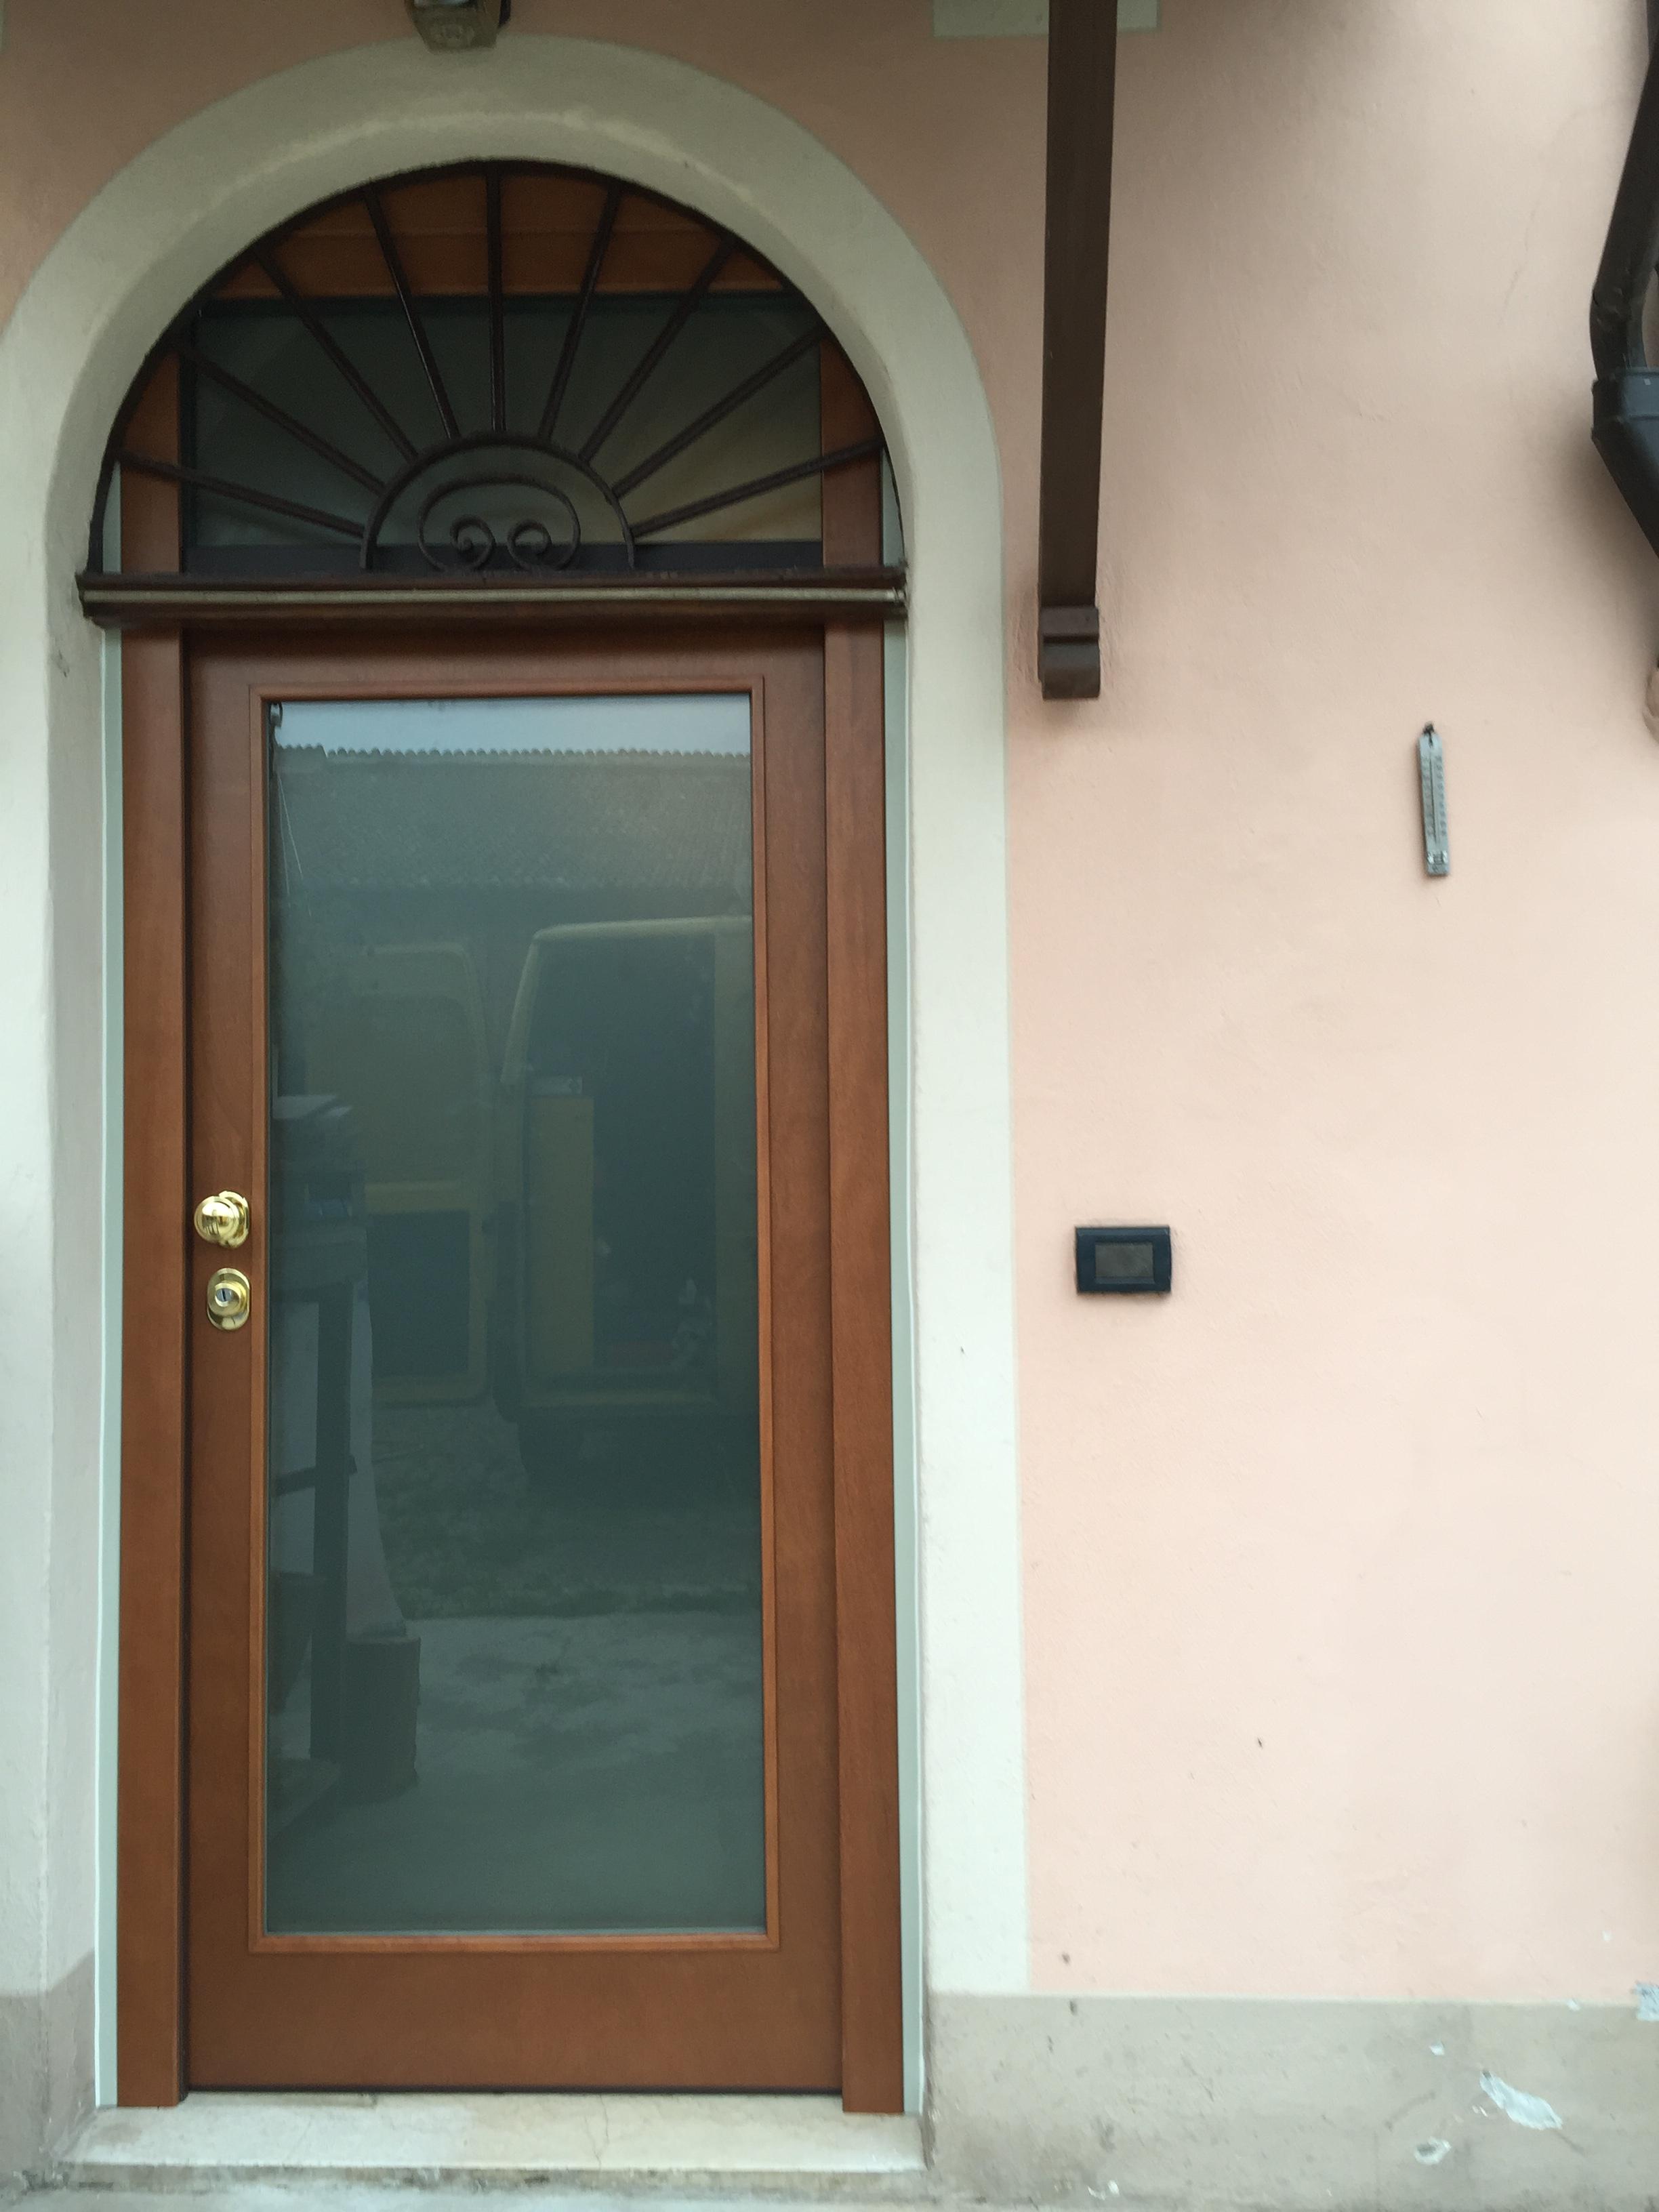 Porta blindata Dierre , mod. Vitra , con sopraluce abitazione provincia di Brescia.